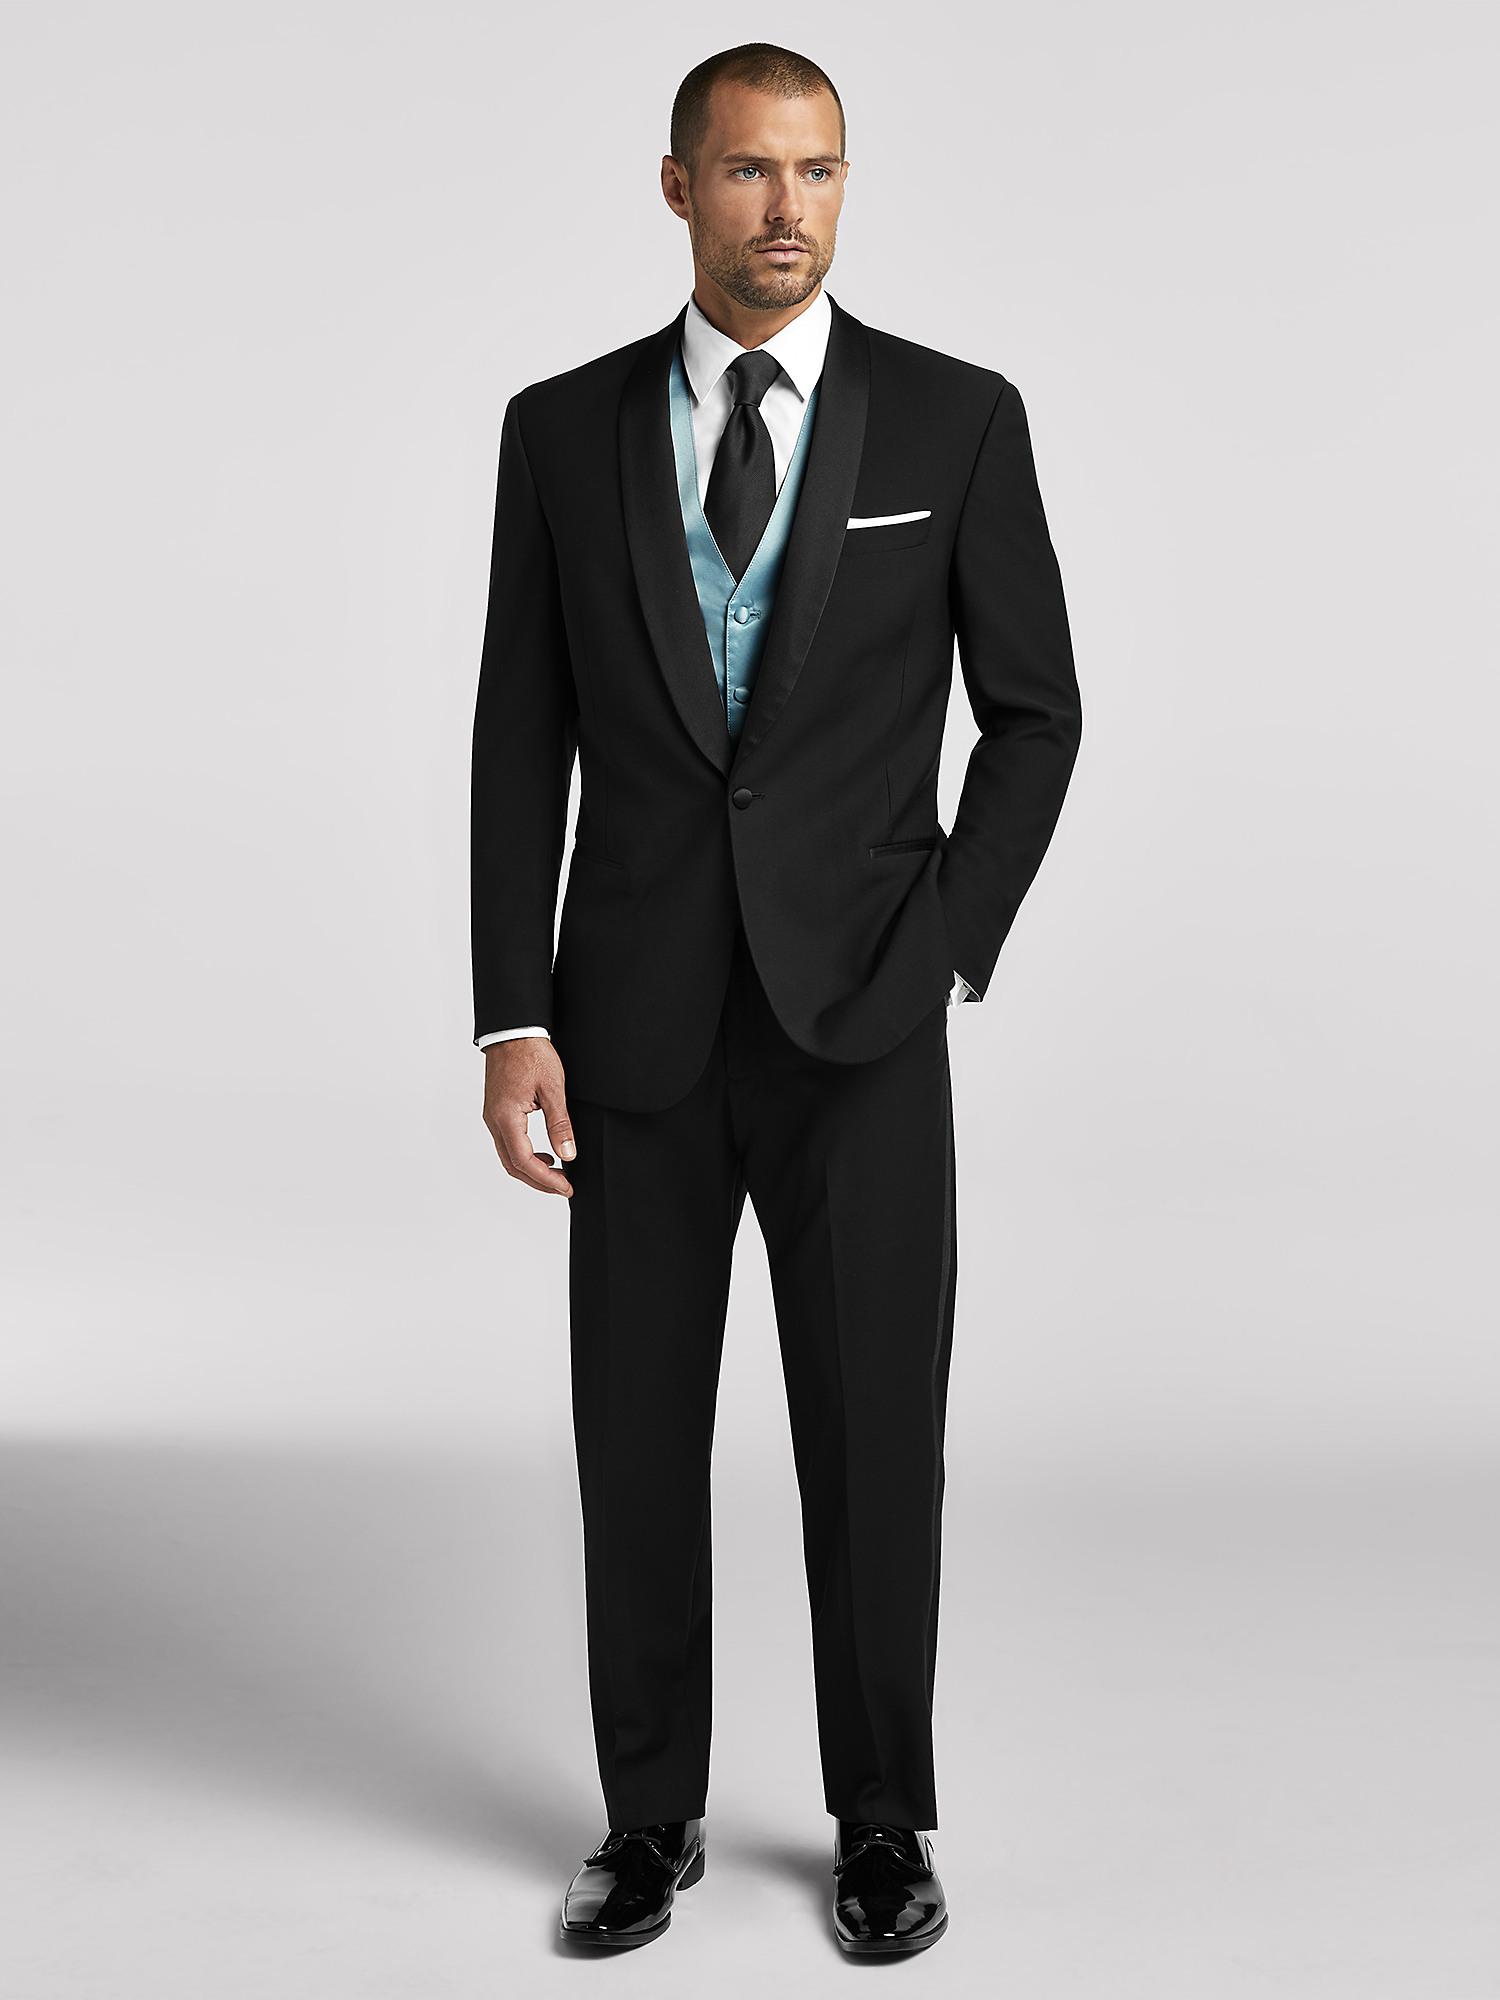 5a5787e4b8f4 Black Shawl Lapel Tuxedo by Calvin Klein | Tuxedo Rental | Moores ...